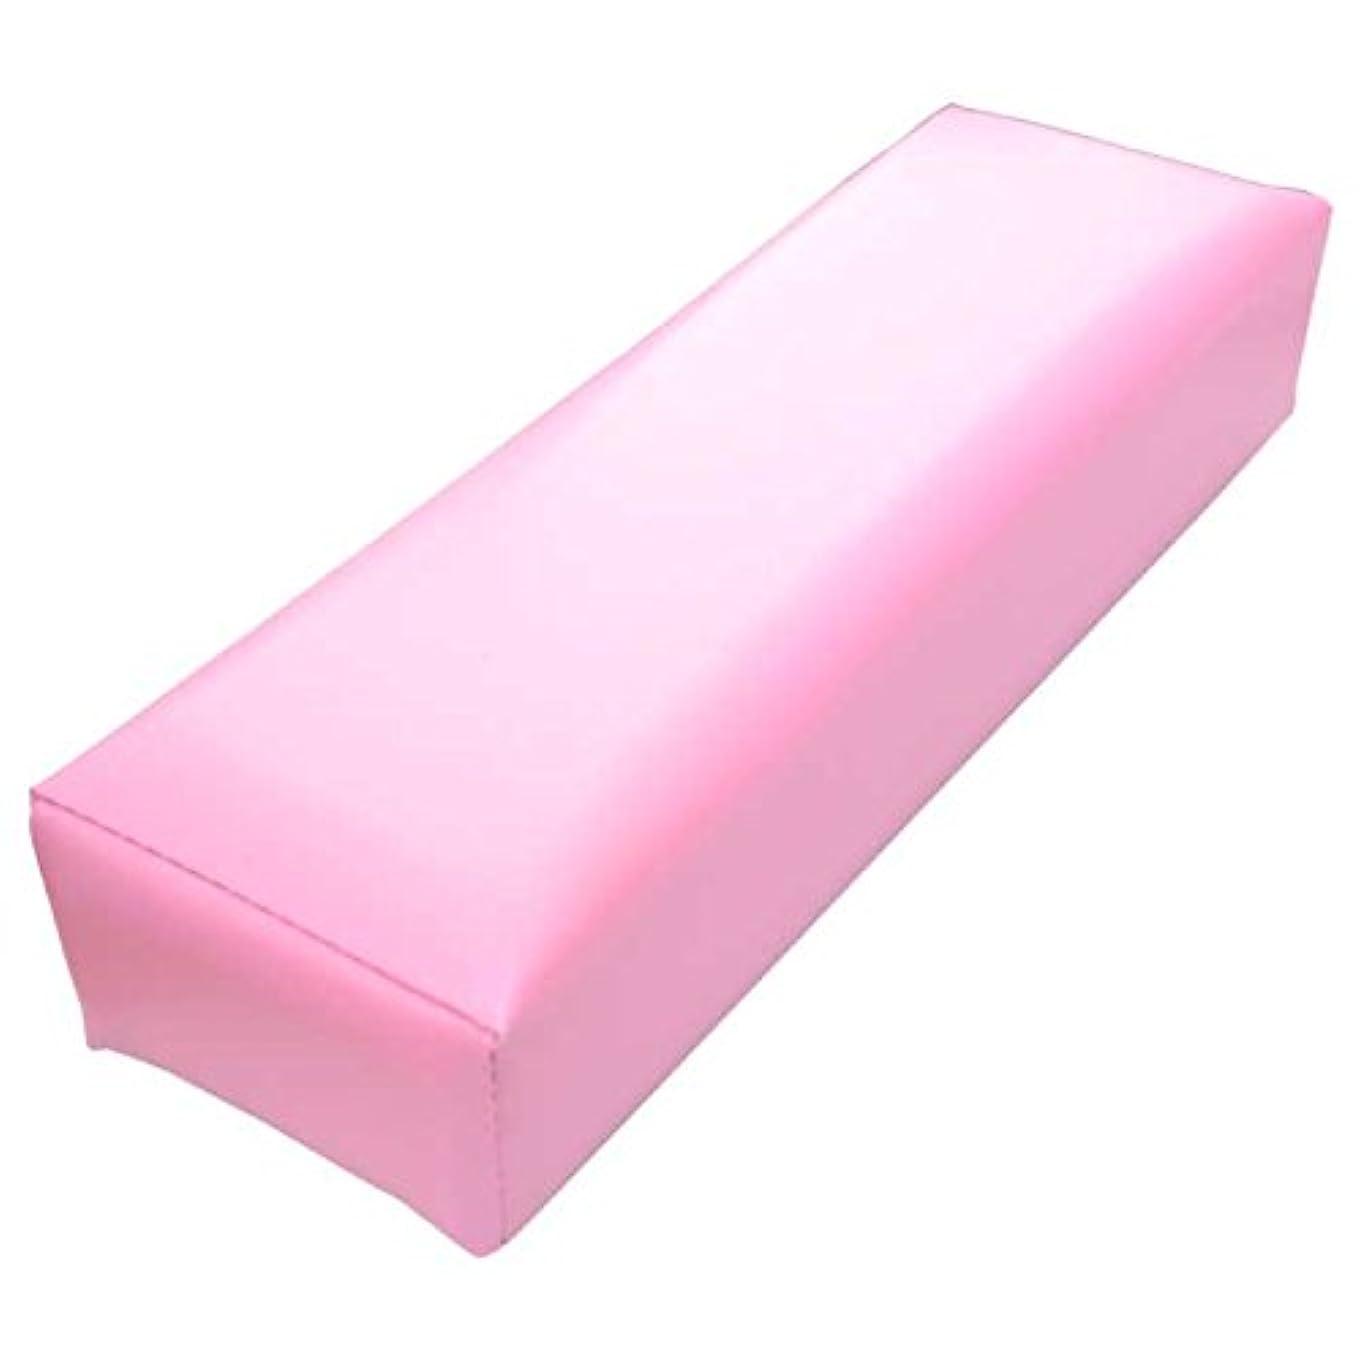 追加する適度に器官低反発 クッション 素材 ネイル用 アームレスト D9cm×W30cm×6cm ソフト ピンク 腕枕 手枕